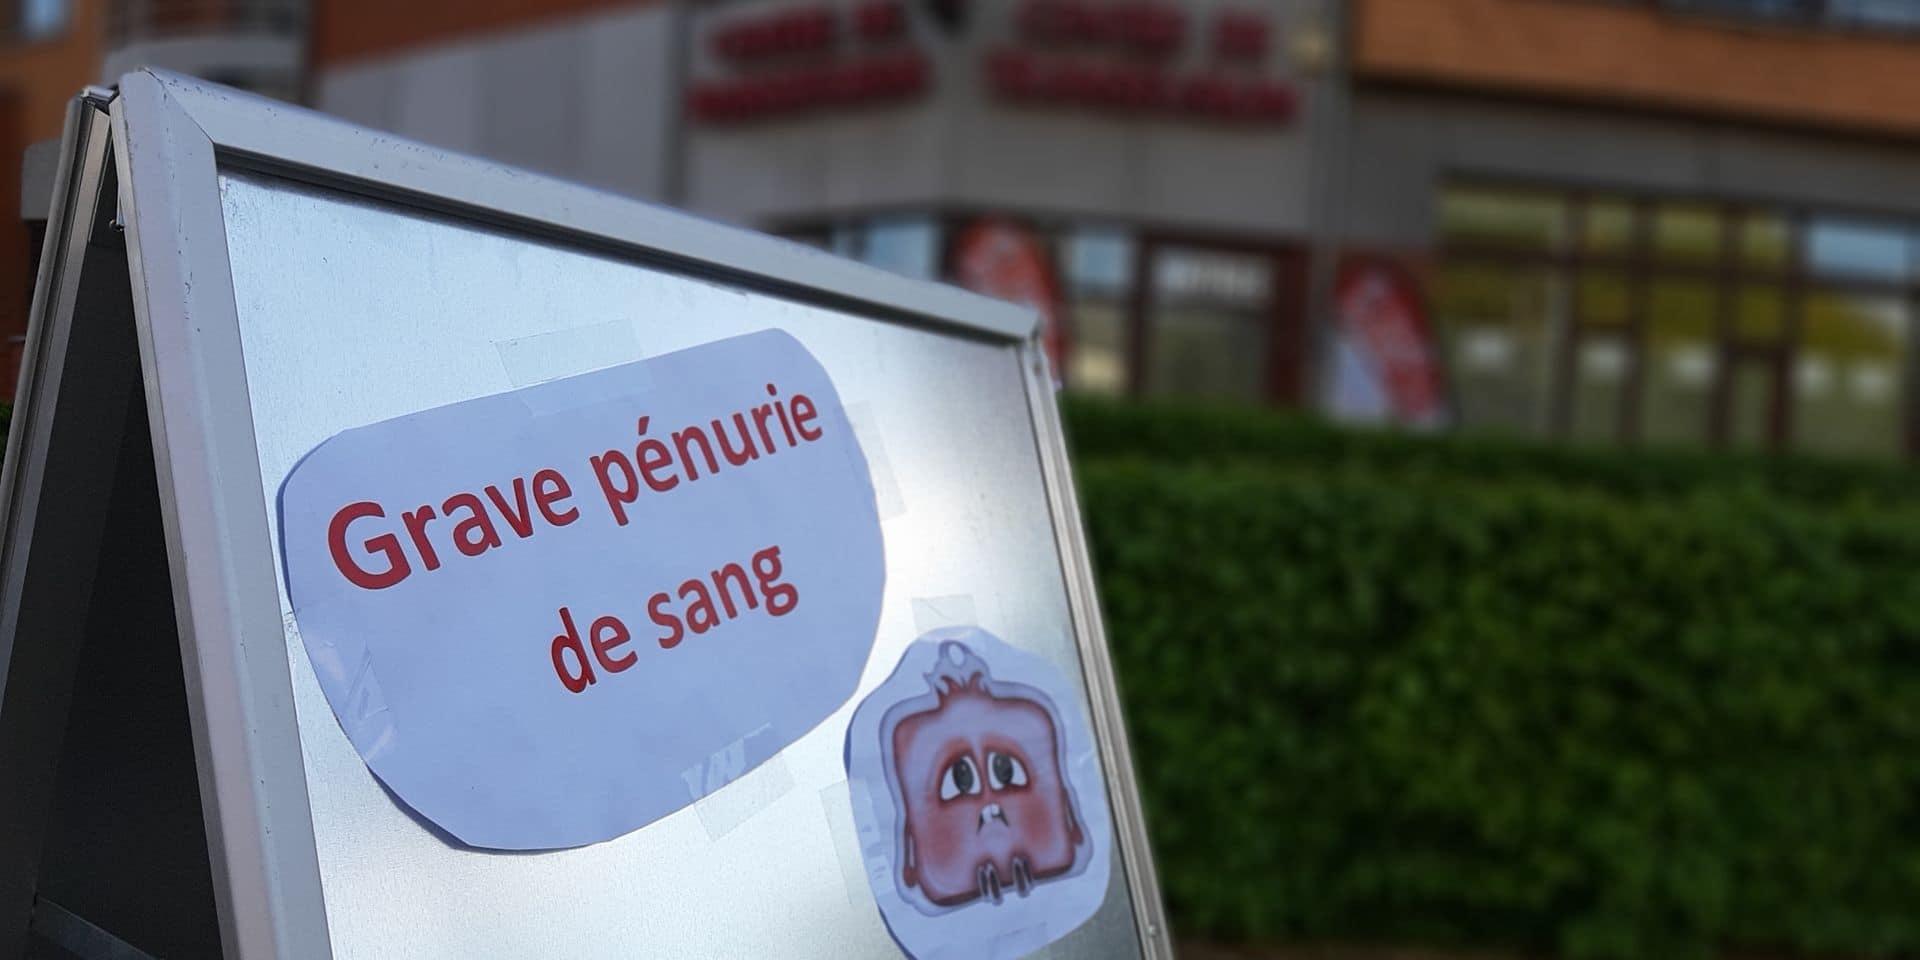 Charleroi: grave pénurie de sang au centre de transfusion de Charleroi